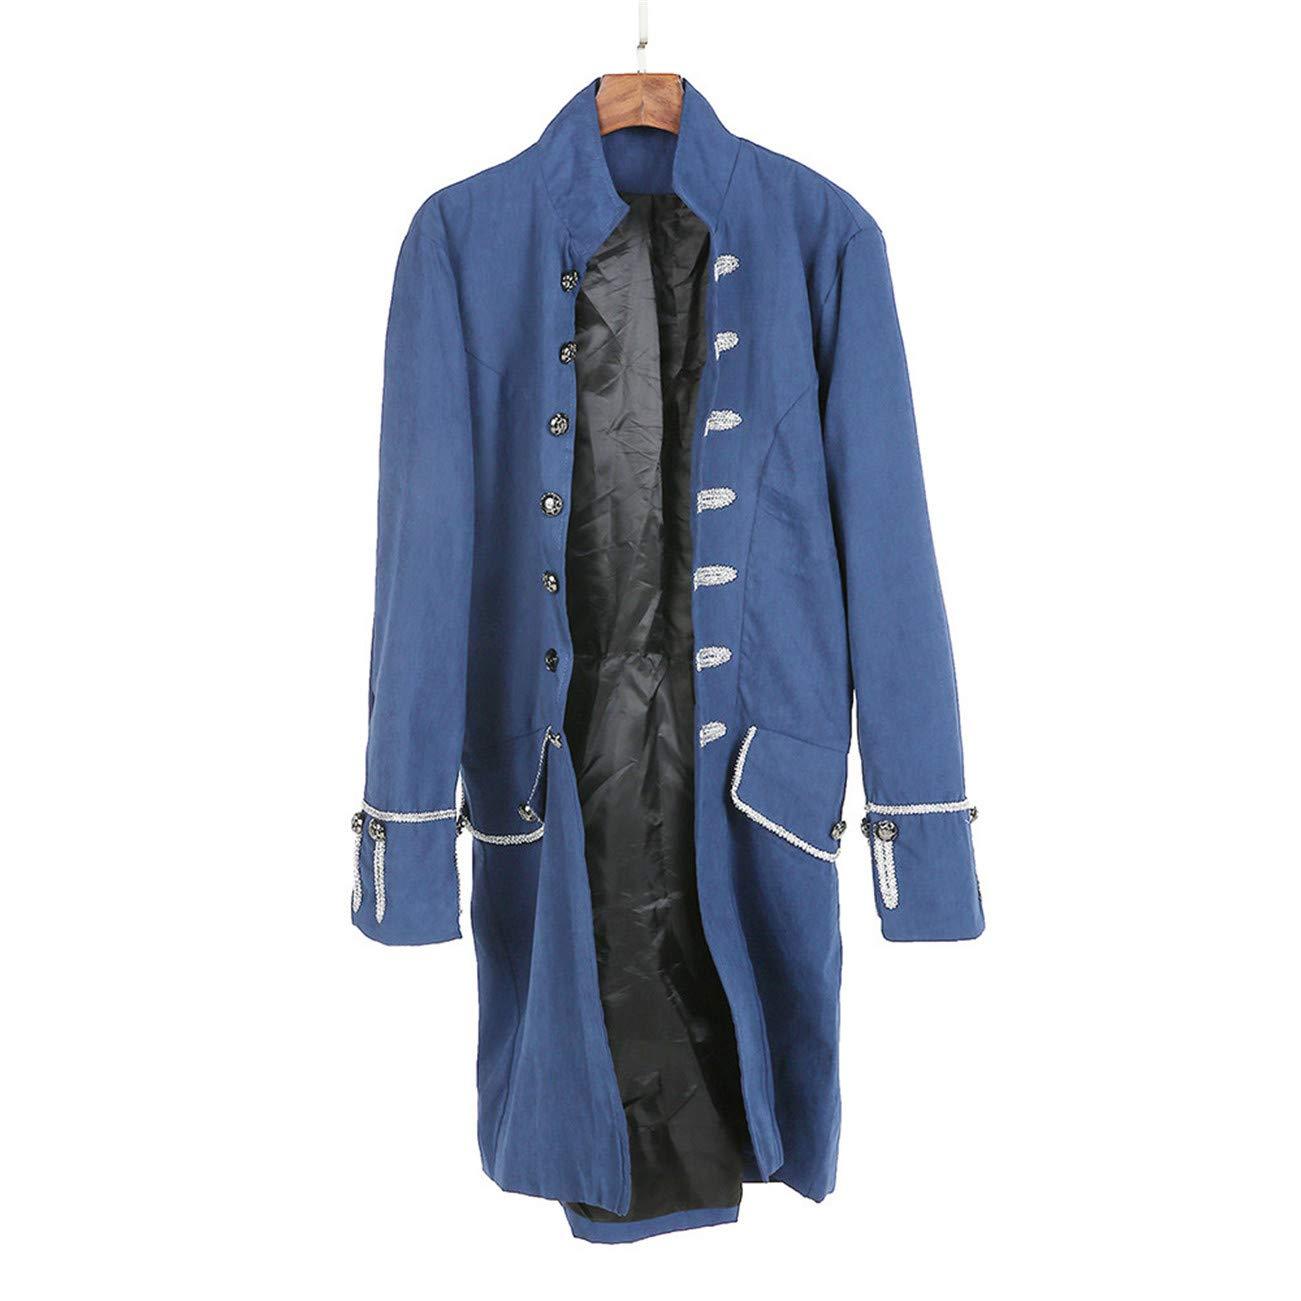 cbbd418846c Blouson Homme Hiver Manteau Impression Habit Veste Redingote Gothique  Costume Uniforme Hommes Praty Outwear